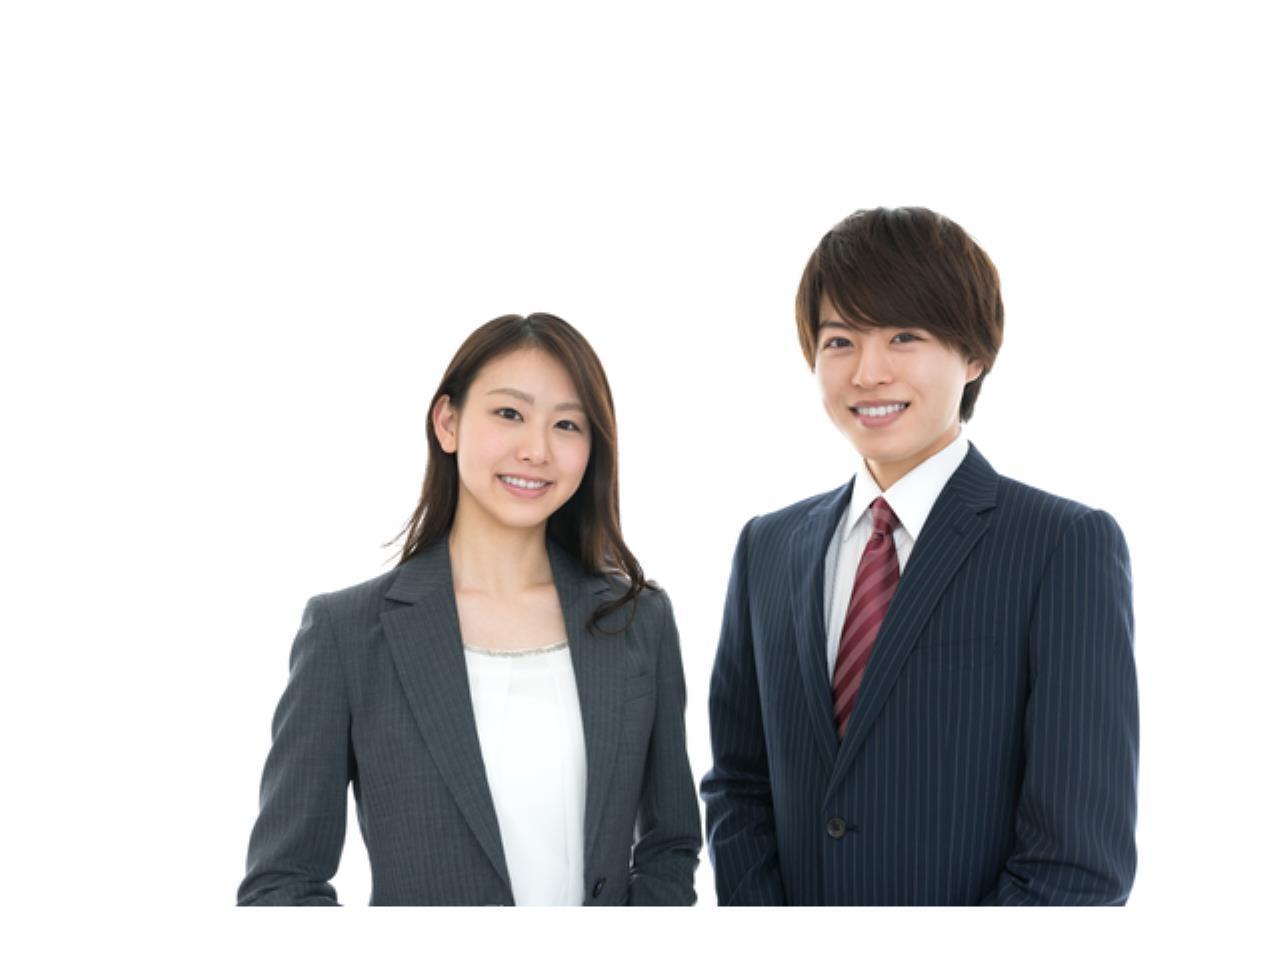 輸入車(ボルボ・シトロエン)の岡山県正規ディーラーでのフロント受付業務(サービス管理職候補)